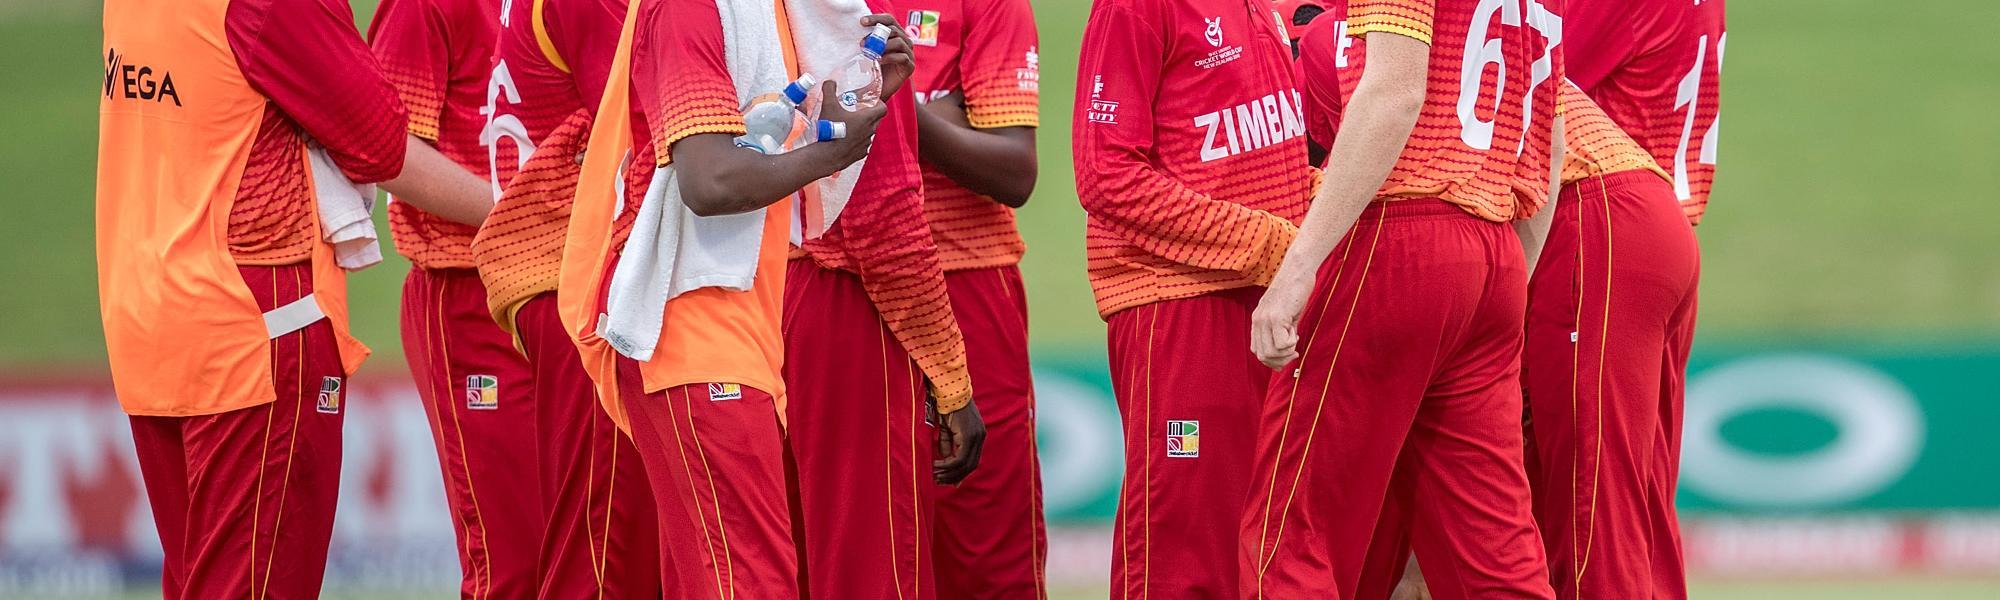 Zimbabwe.